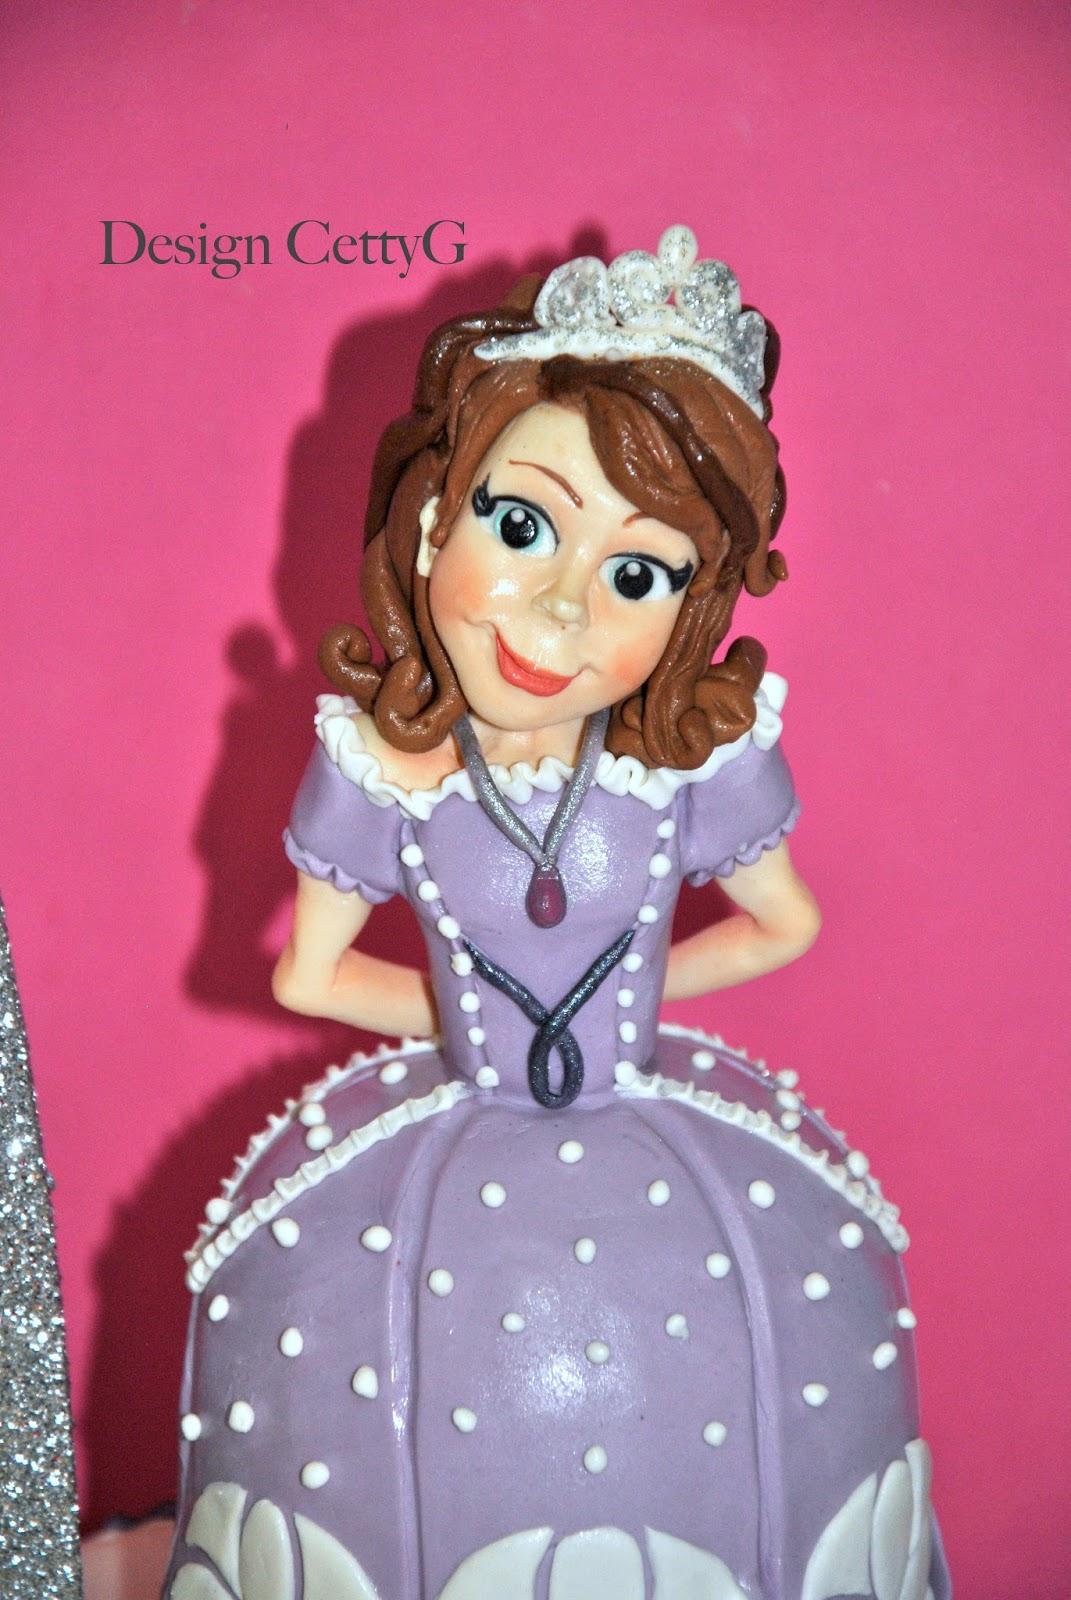 Le torte decorate di cetty g principessa sofia cake